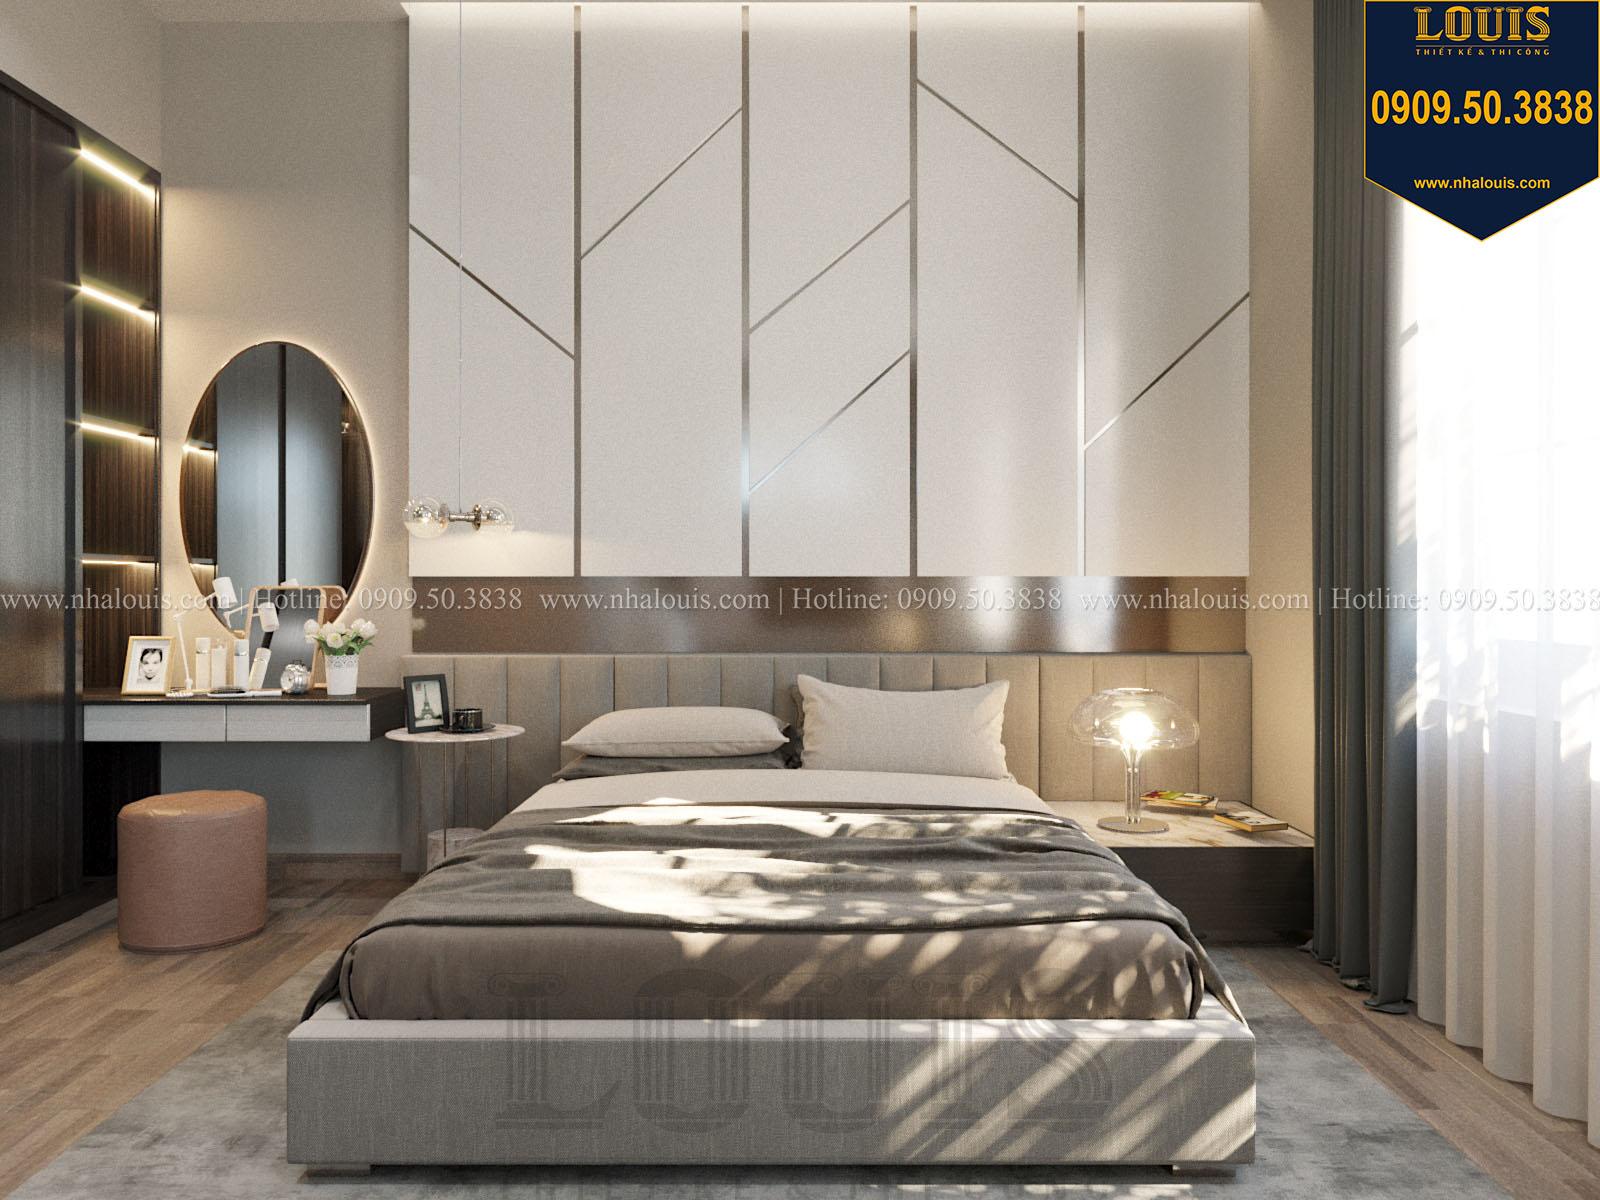 Phòng ngủ biệt thự 2 tầng đẹp - 038